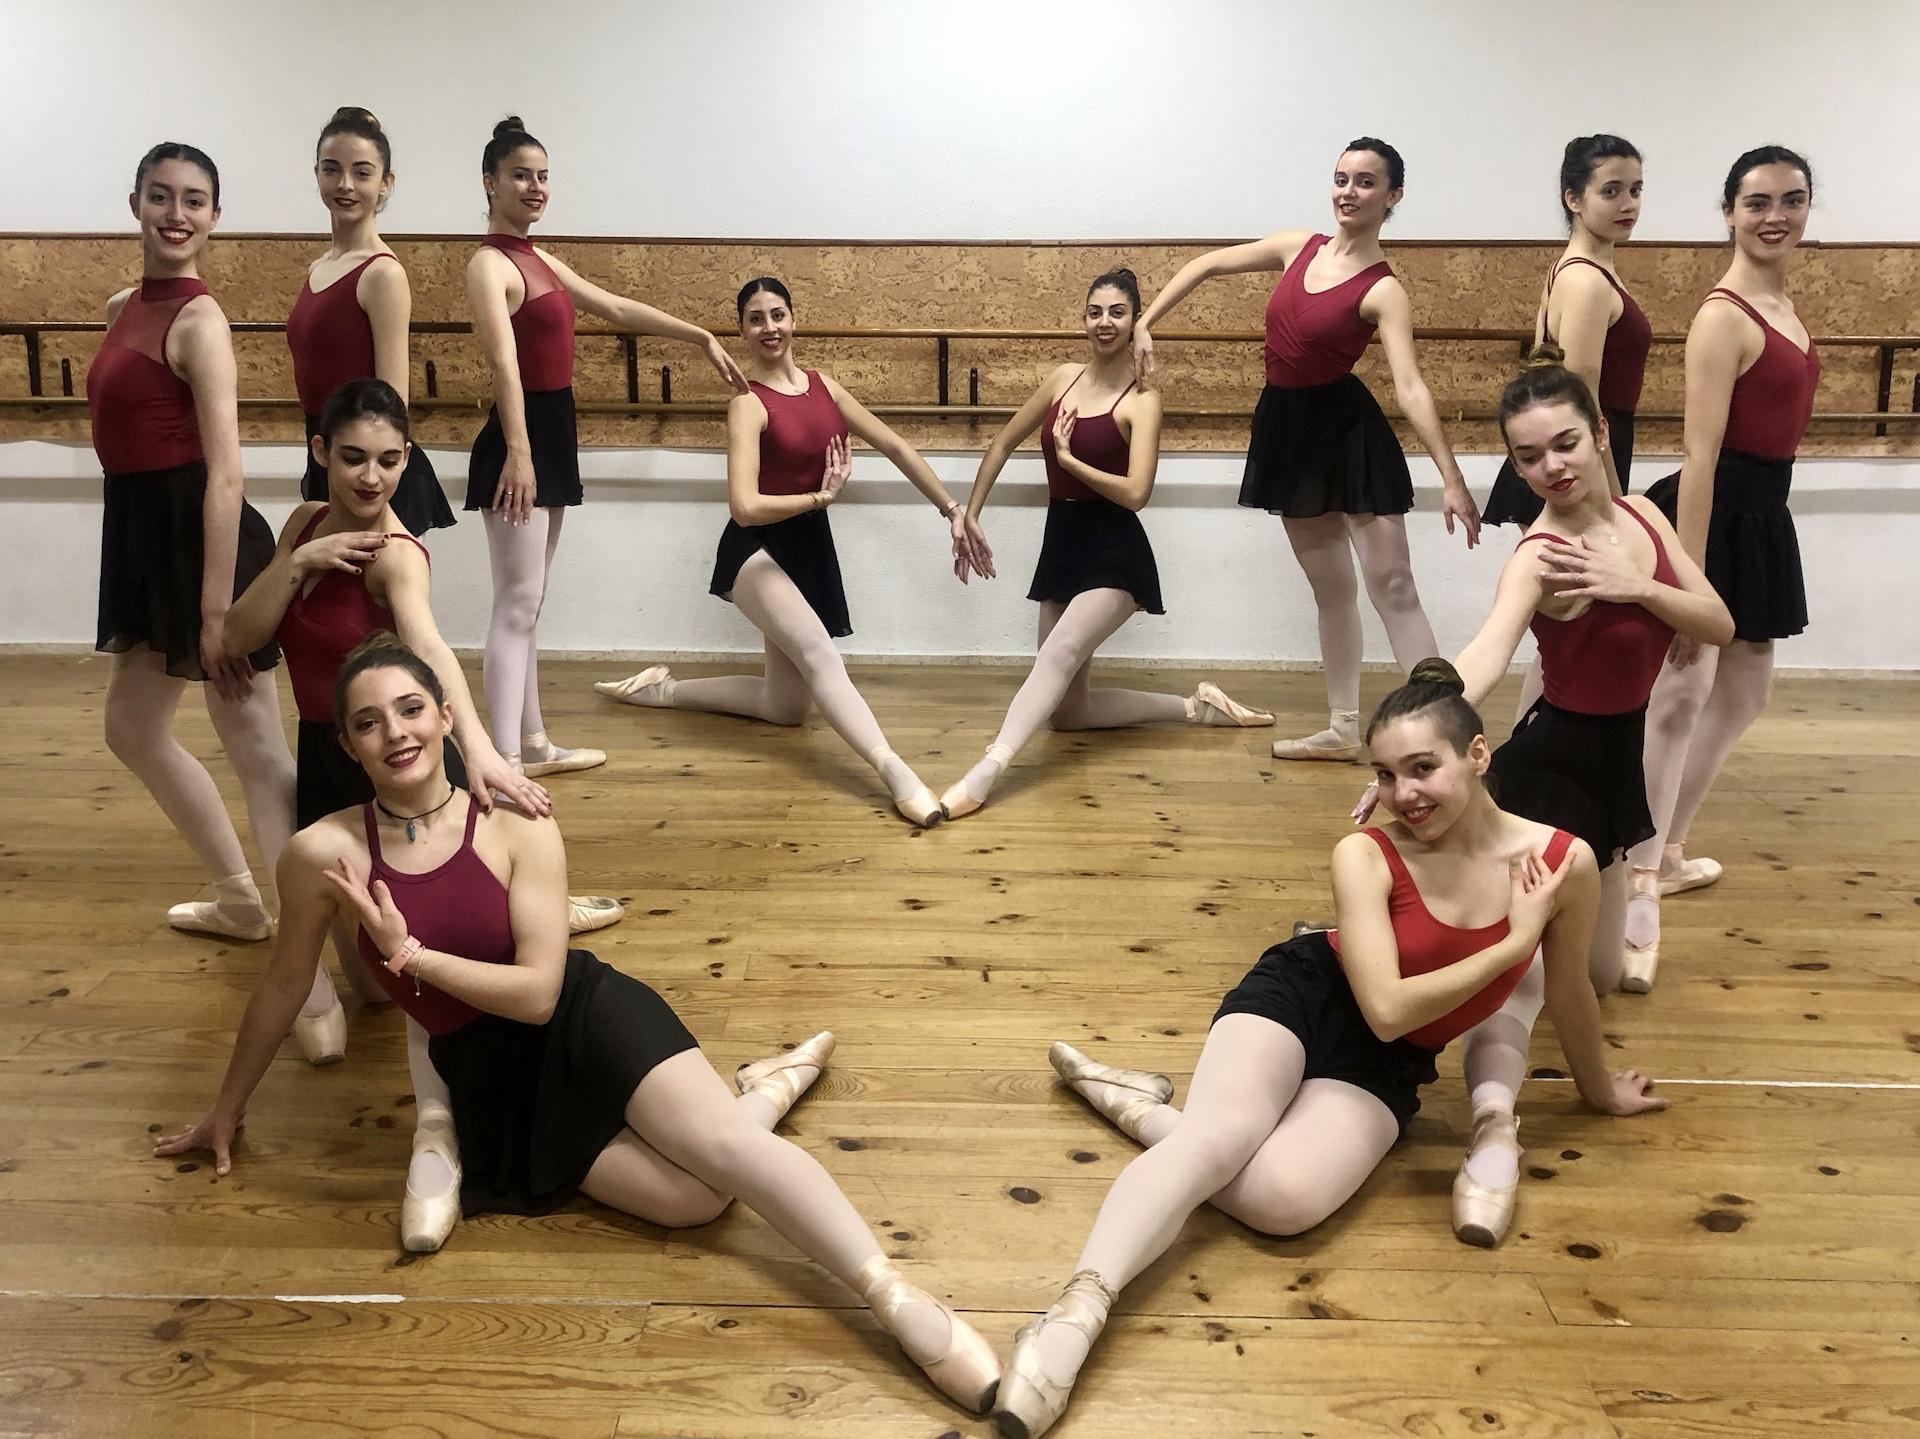 Un San Valentín… ¡bailando!